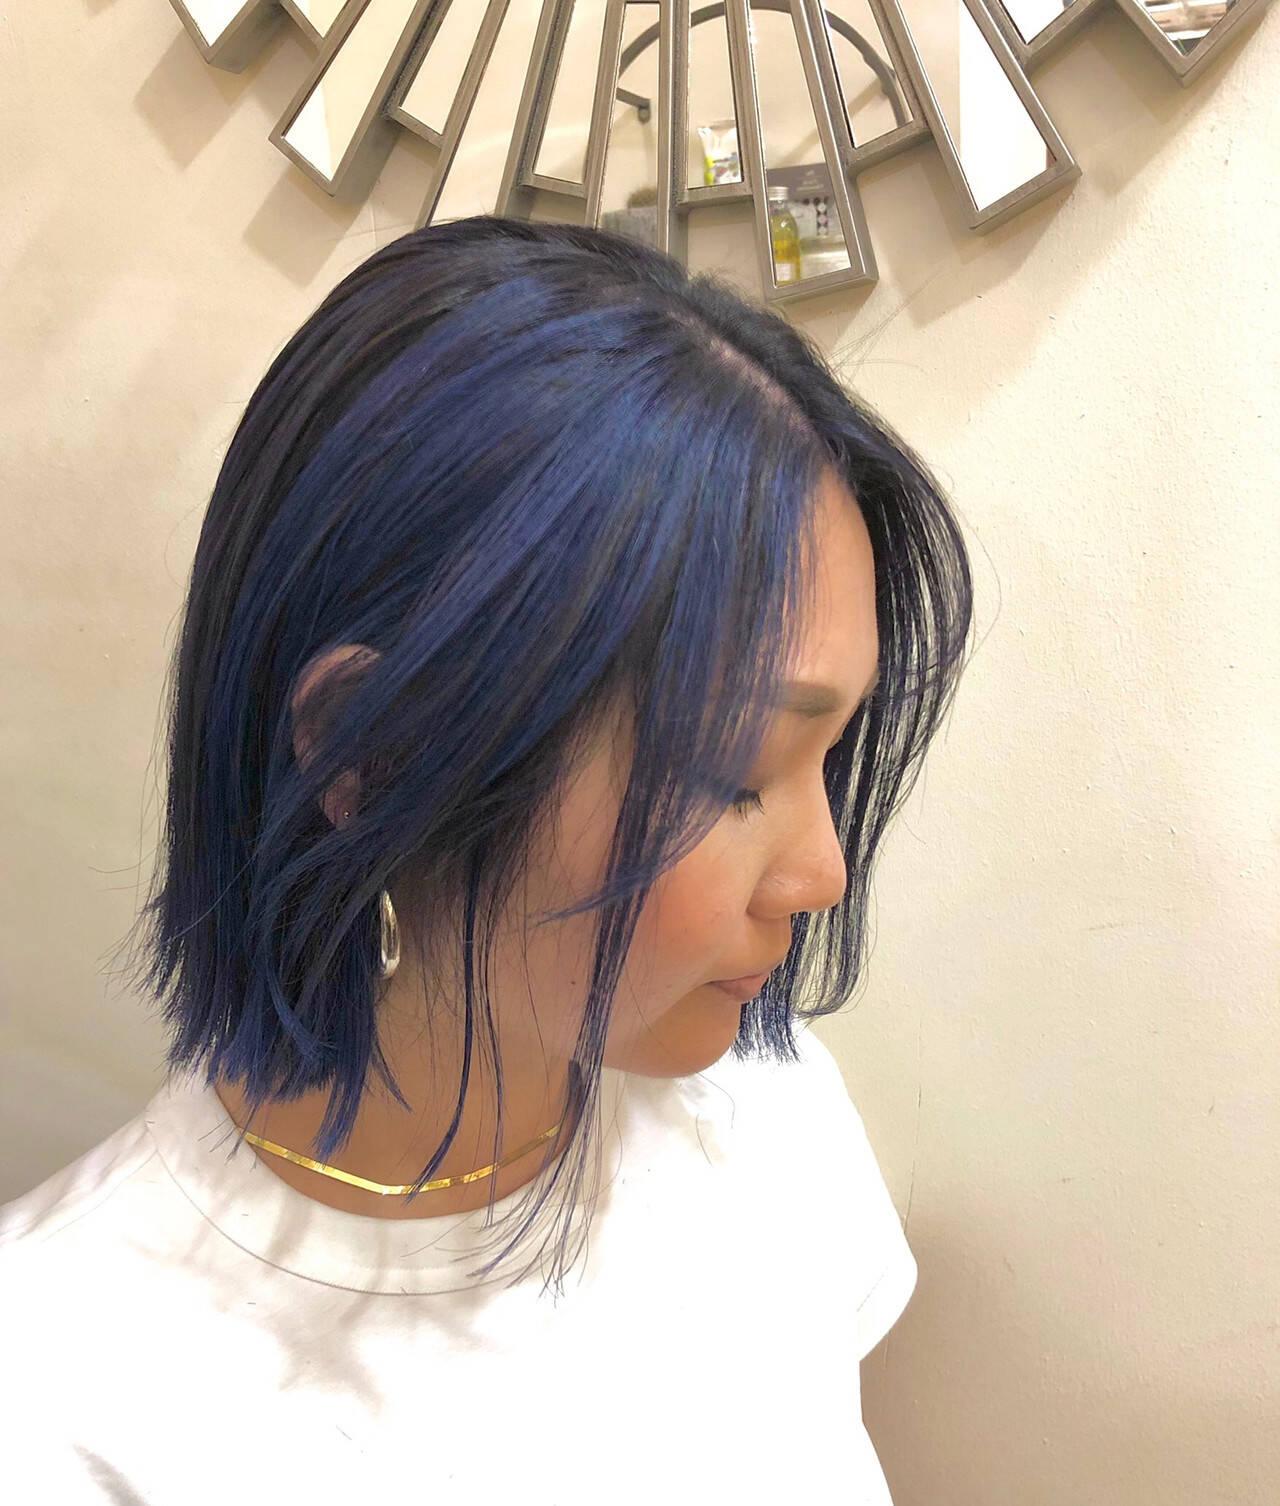 ハイライト ユニコーンカラー ストリート ボブヘアスタイルや髪型の写真・画像